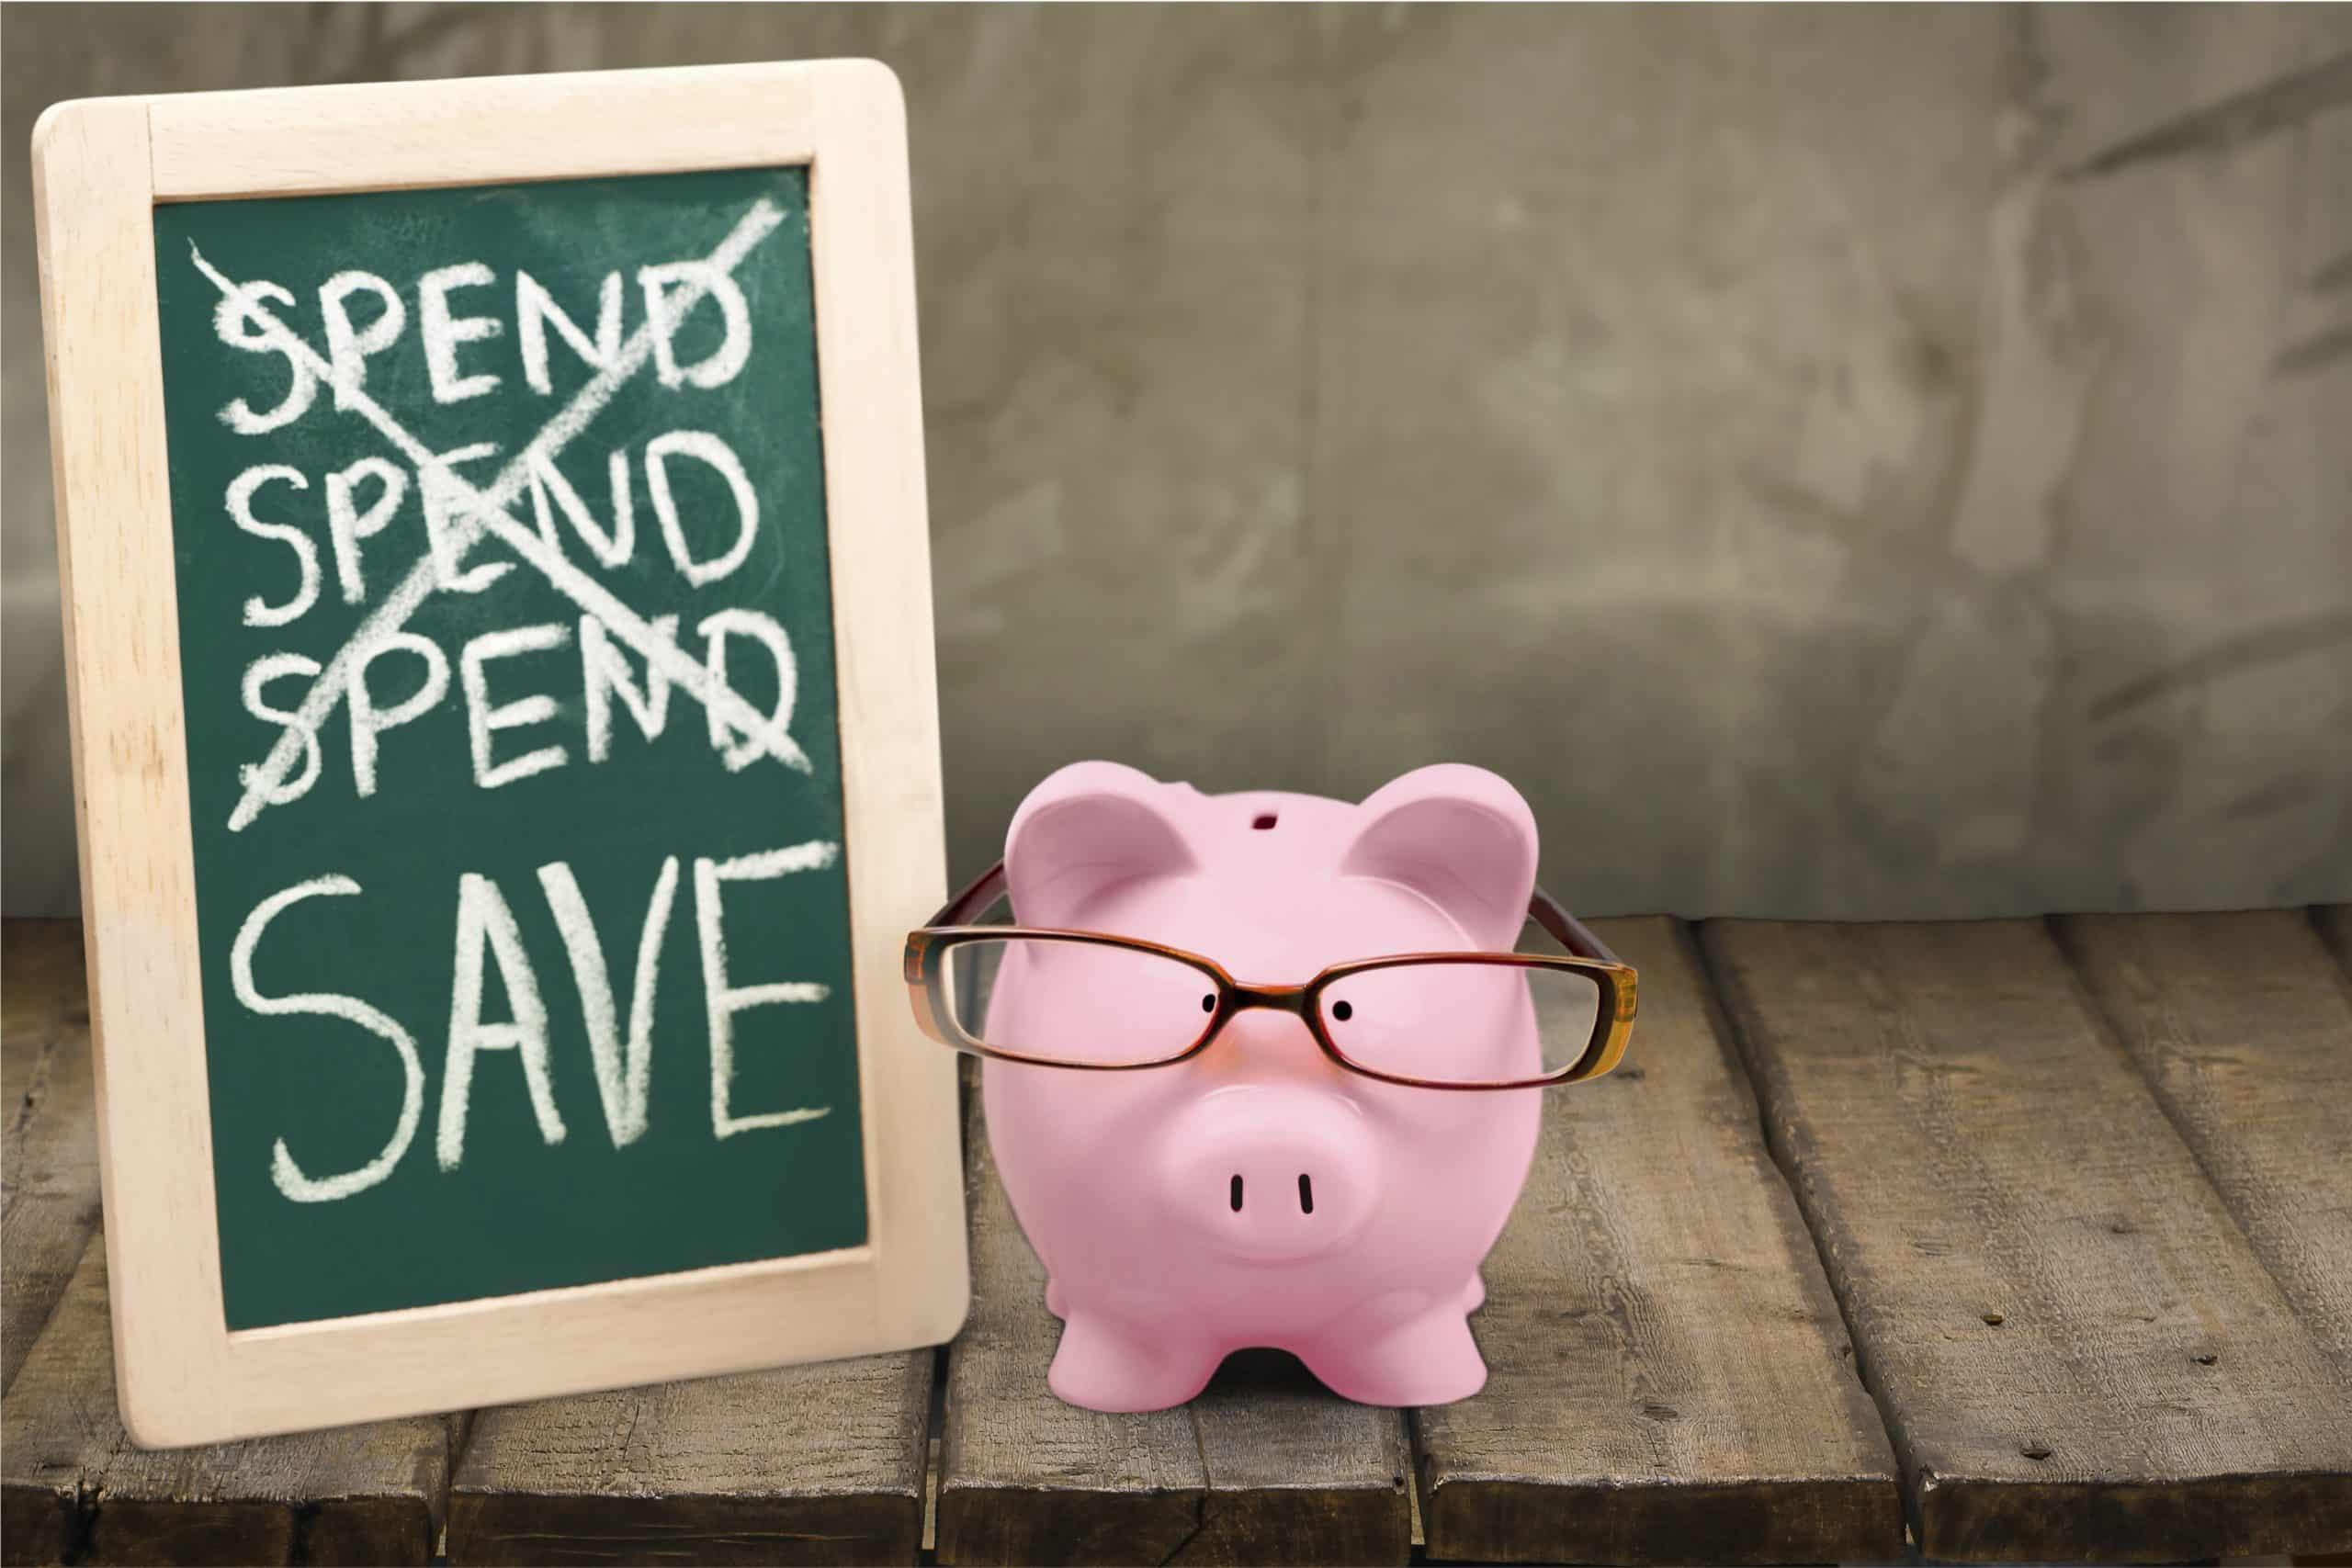 Savings.